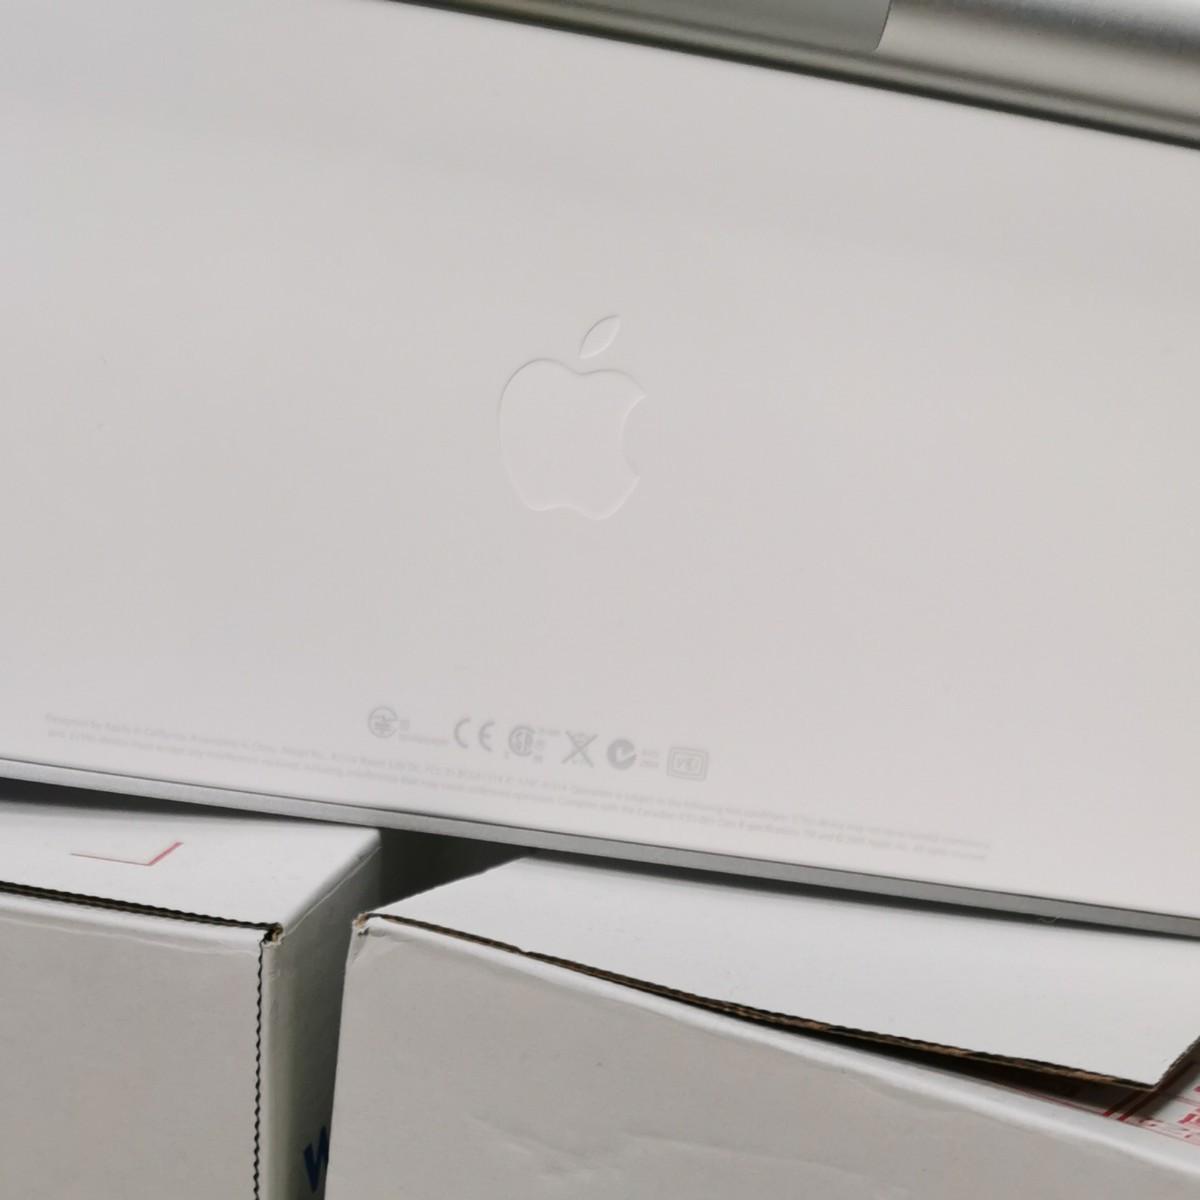 Keyboard Apple ワイヤレスキーボード Bluetooth アップル US仕様?  ジャンク